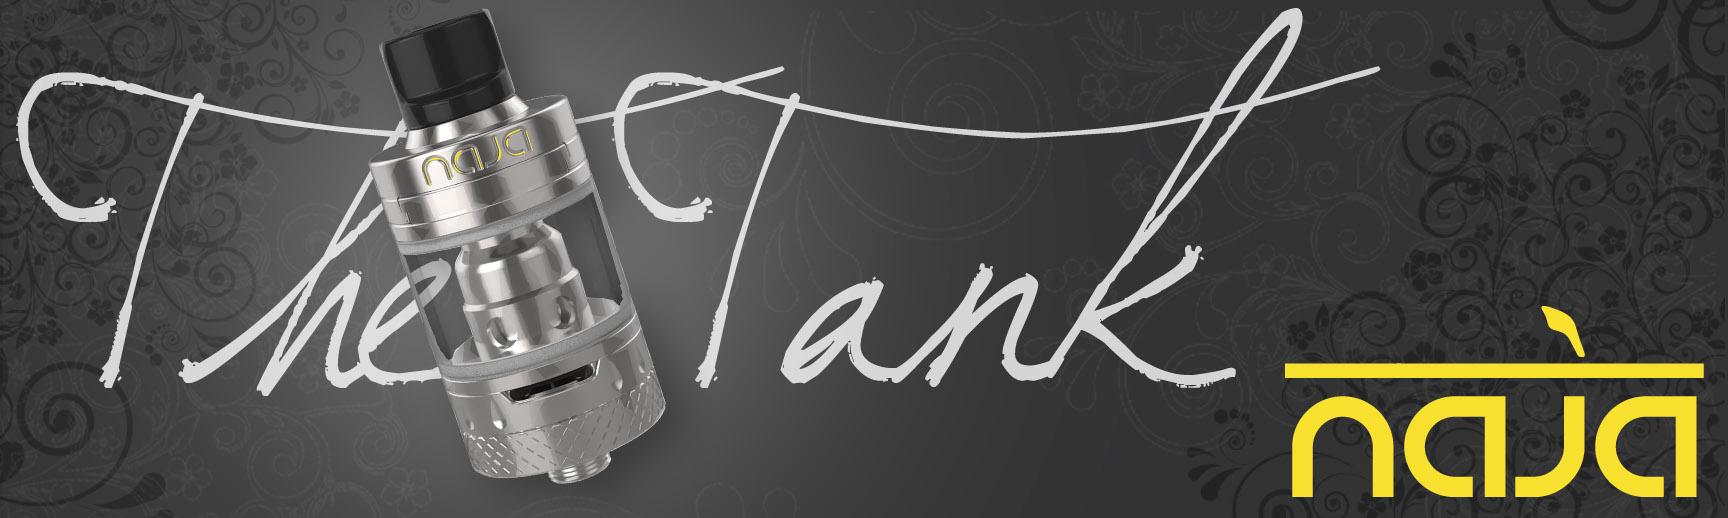 naja-the-tank-banner2-www.vapetime.co.uk.jpg